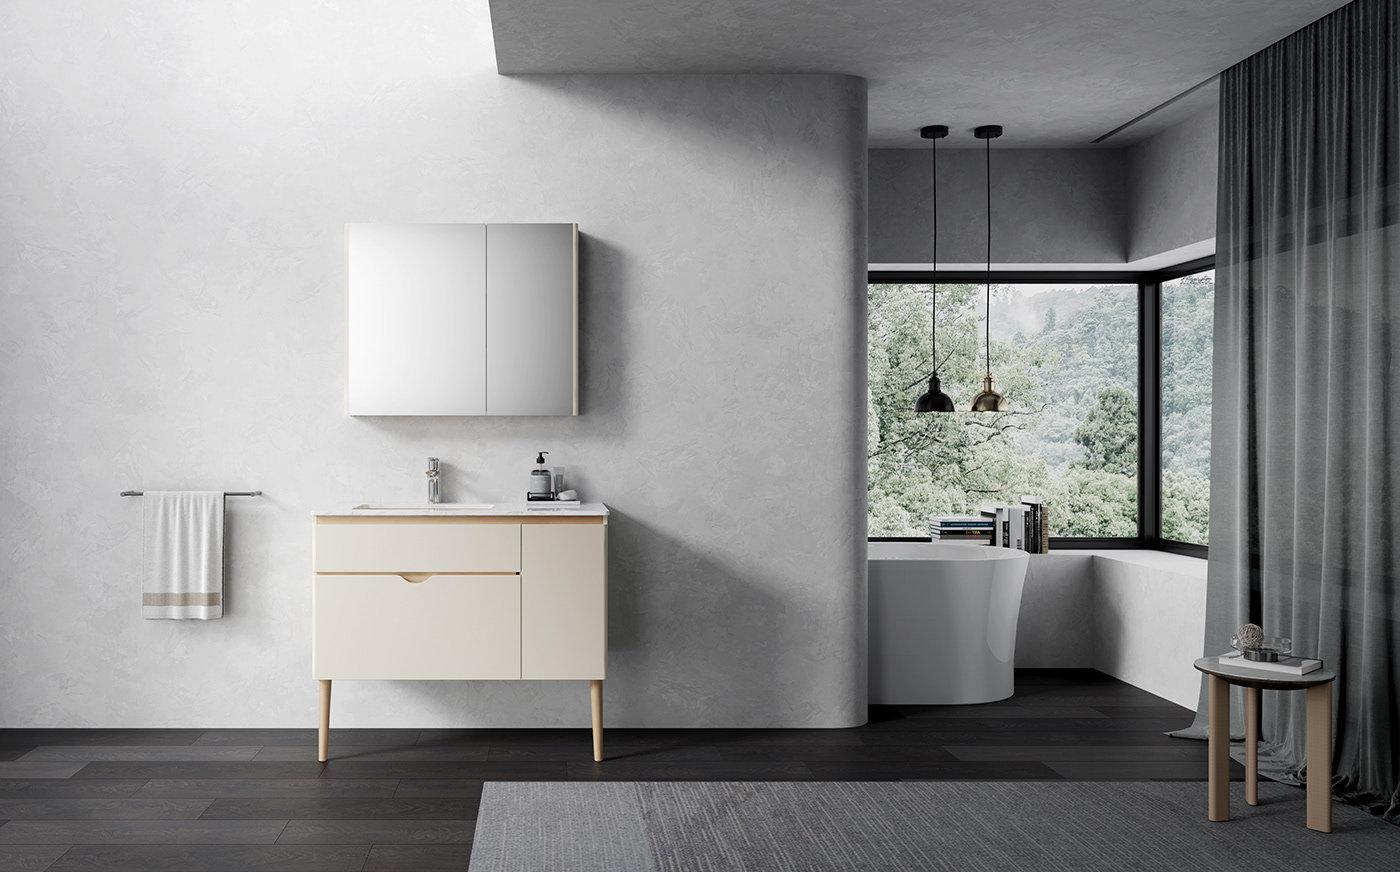 正确的清洁方法和正确的保养技巧,让厨房水龙头焕然一新